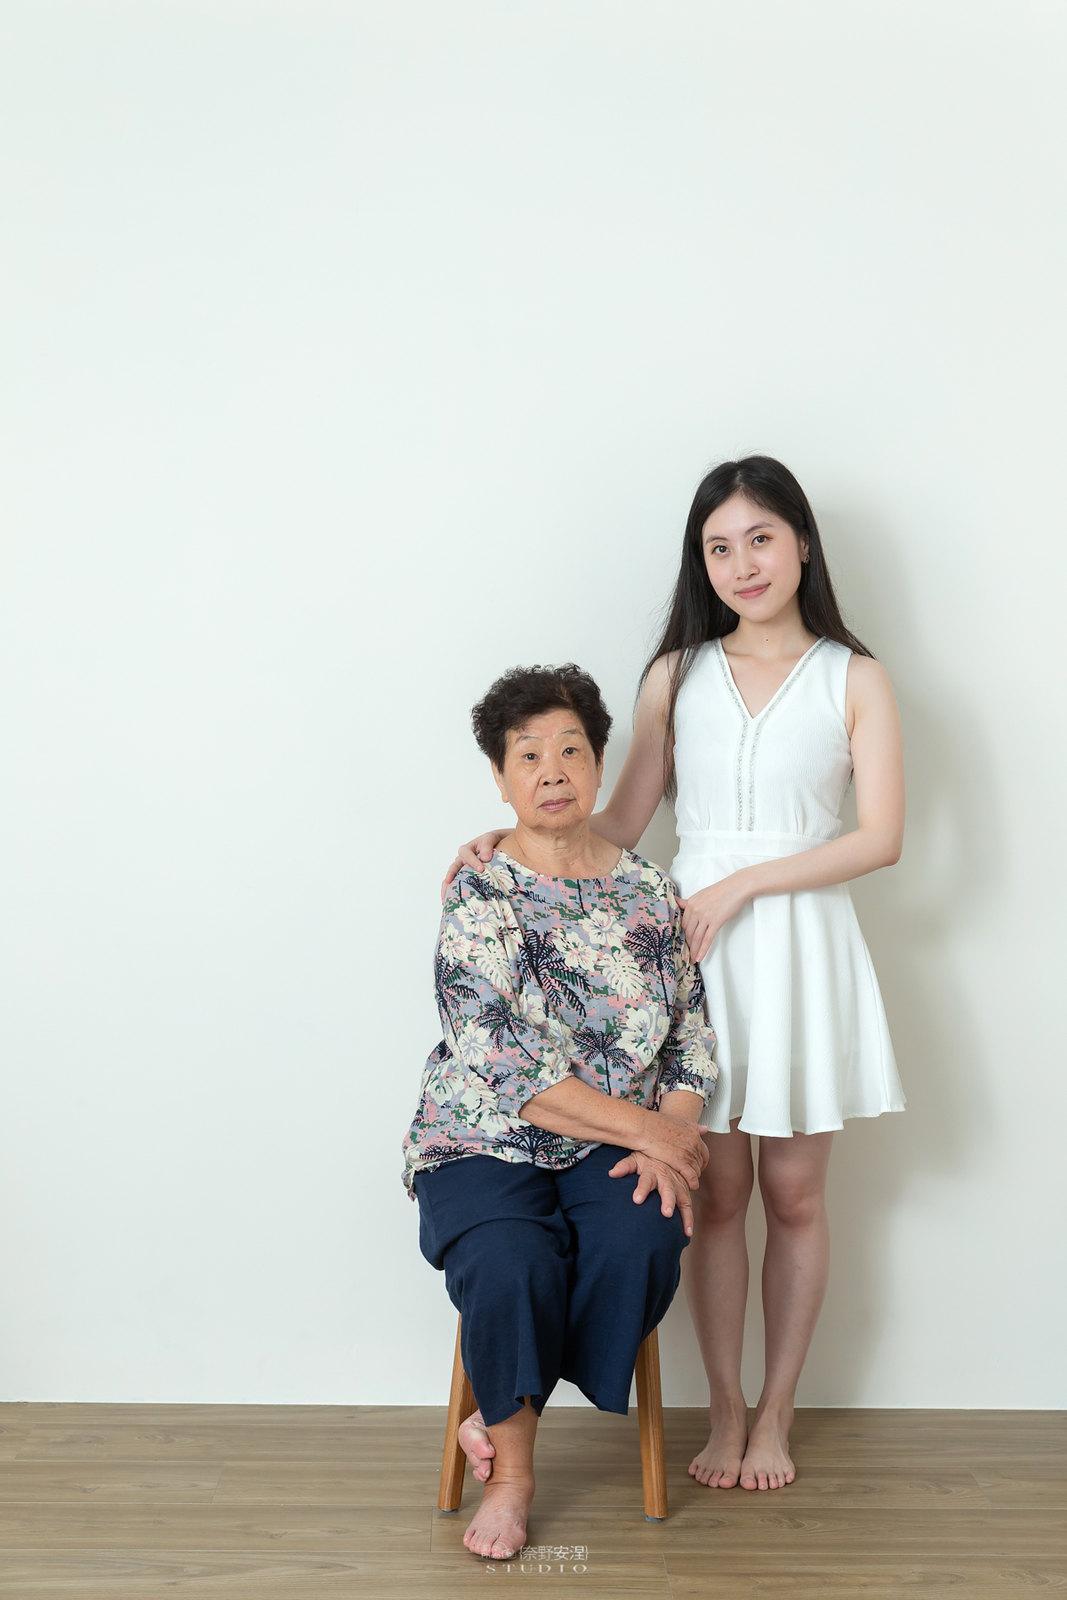 台南全家福 | 拋棄傳統合照的彆扭,忠實呈現家人間最親密的情感31